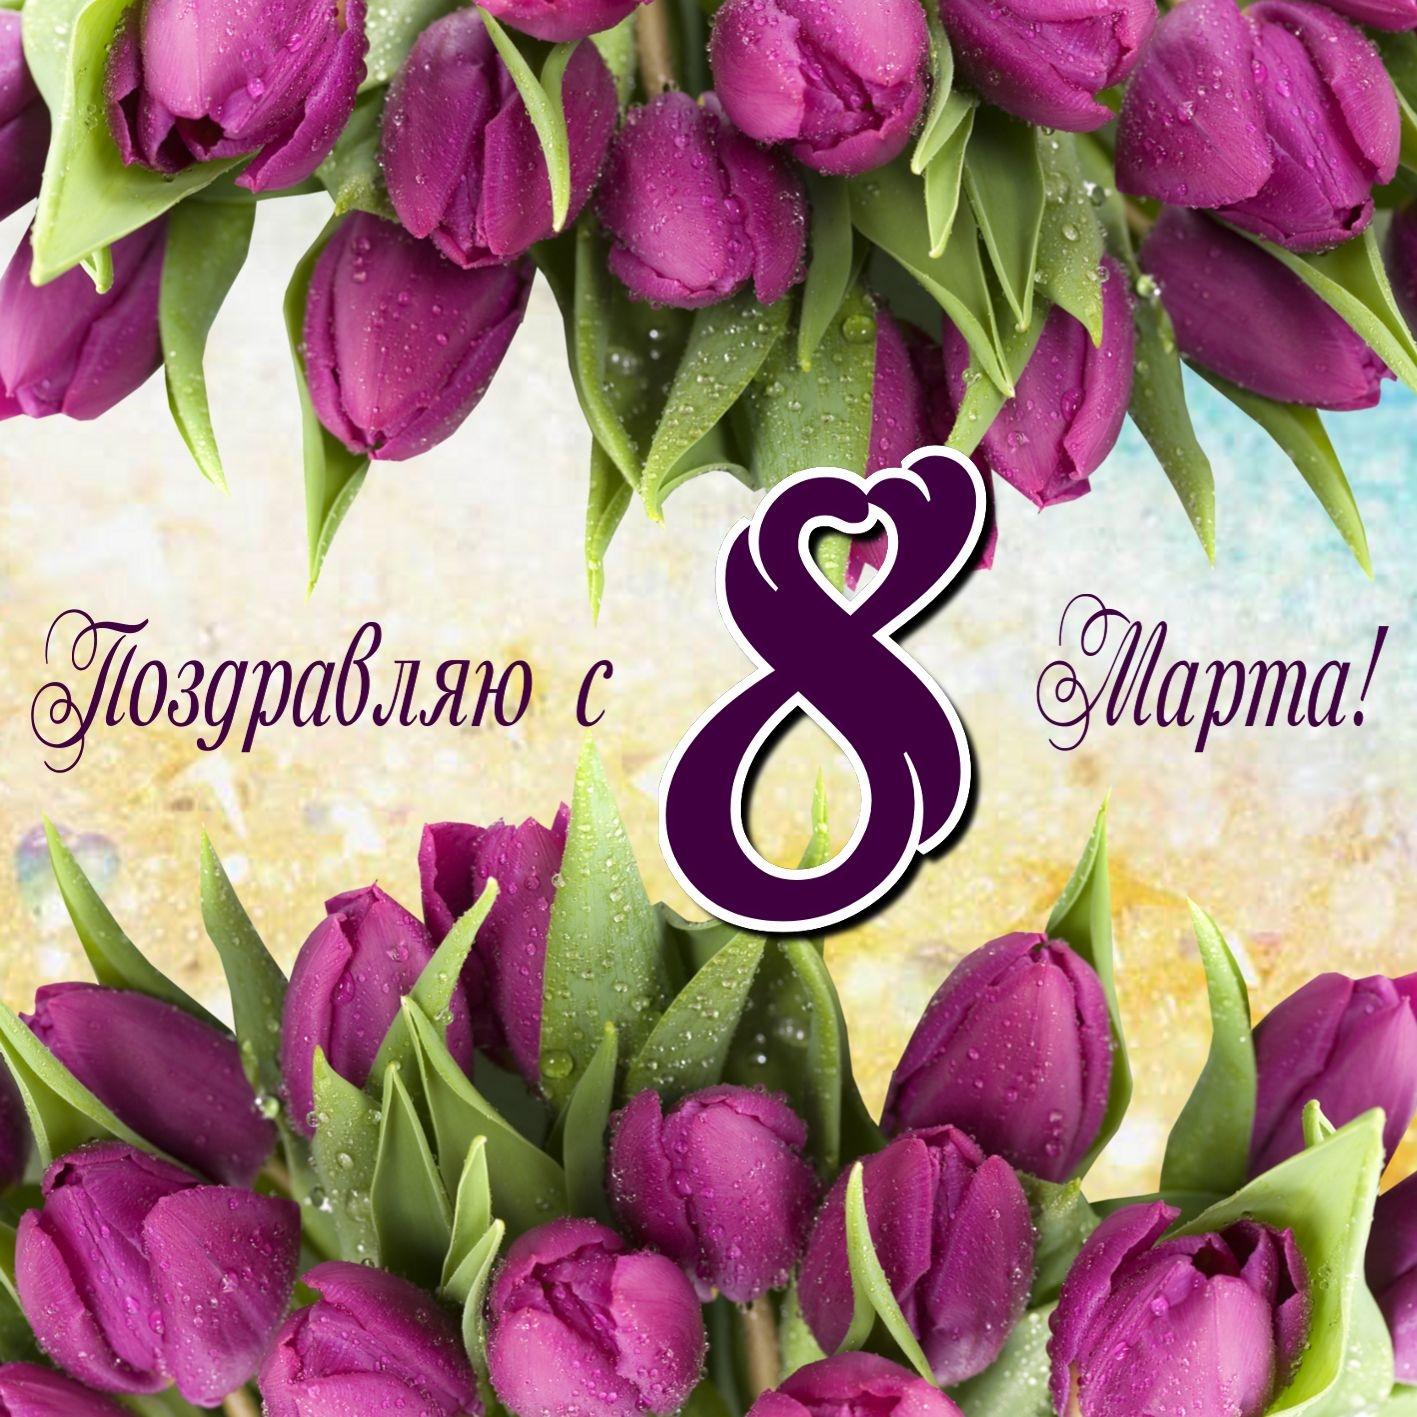 Открытки и картинки с женским праздником 8 марта, гифы